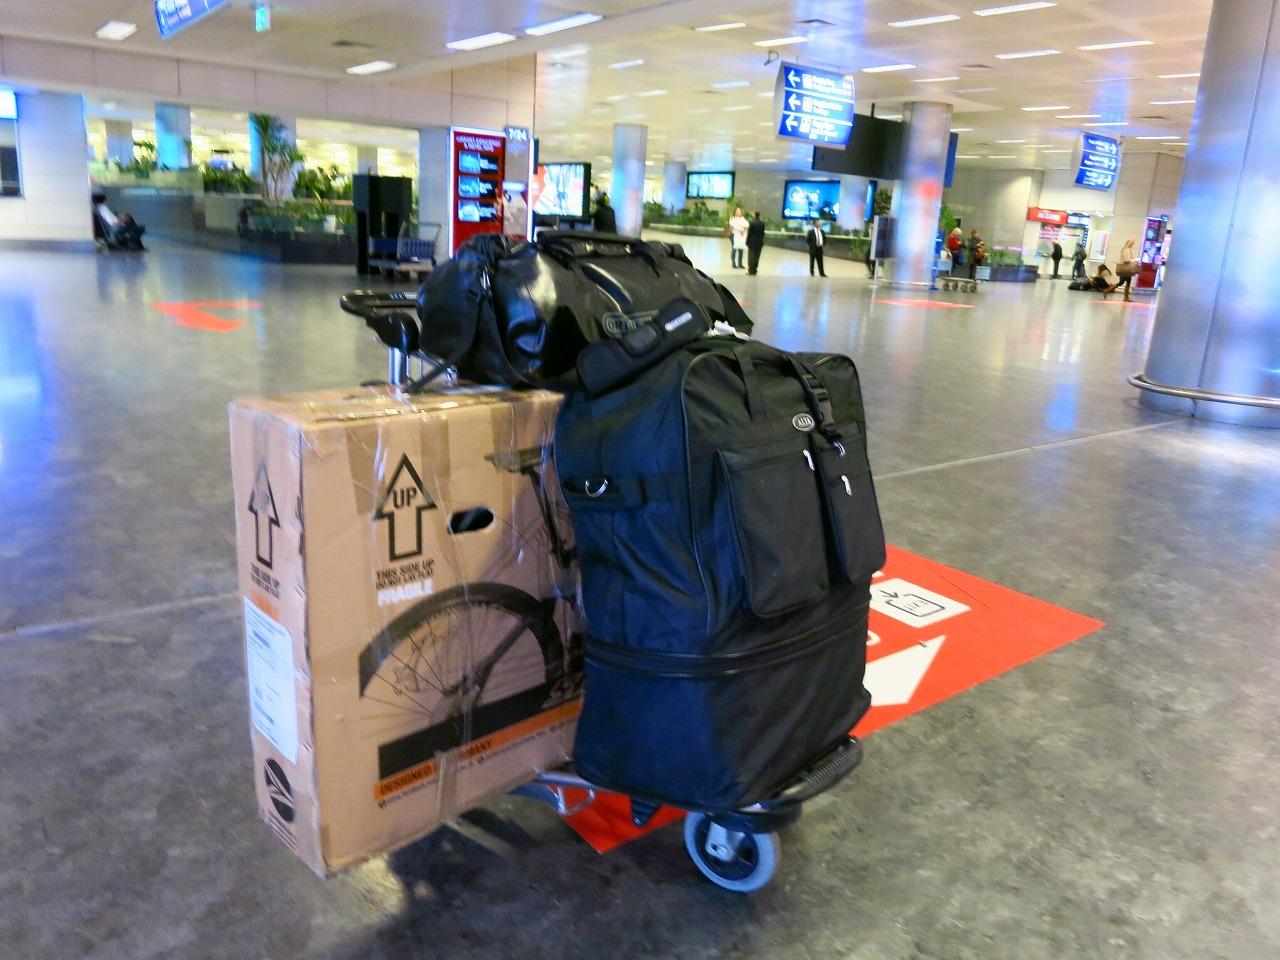 自転車の 自転車 ルート 無料 : トルコ航空は自転車料金が別で ...